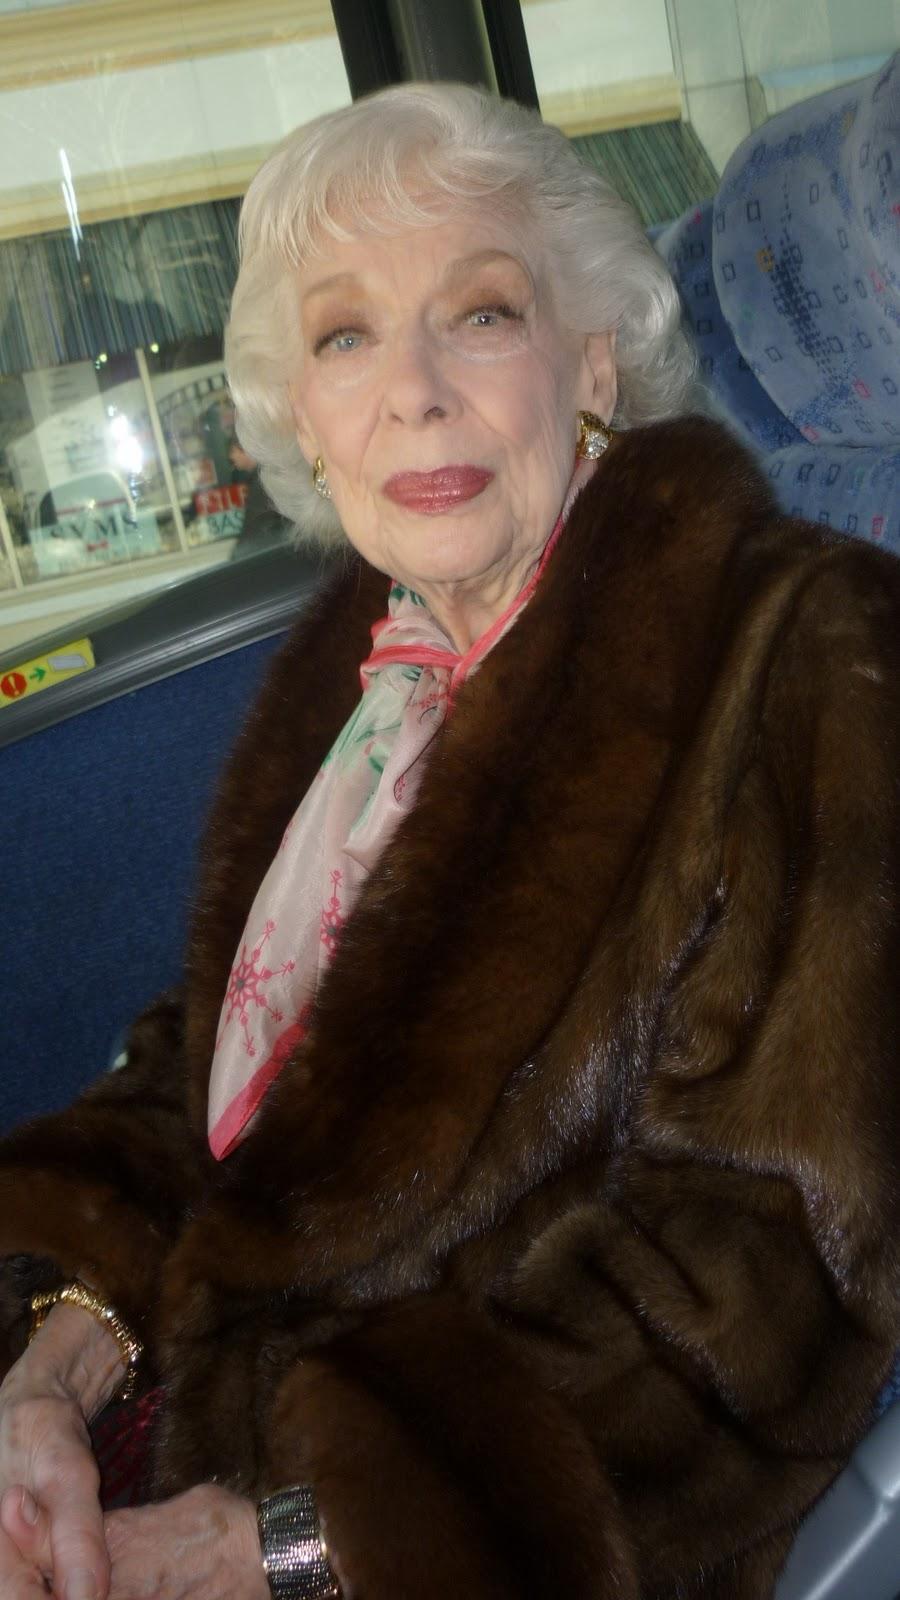 Linda Dangcil,Krista Sutton Hot fotos Eniko Mihalik HUN 2 2009, 2014,James Fox (born 1939)